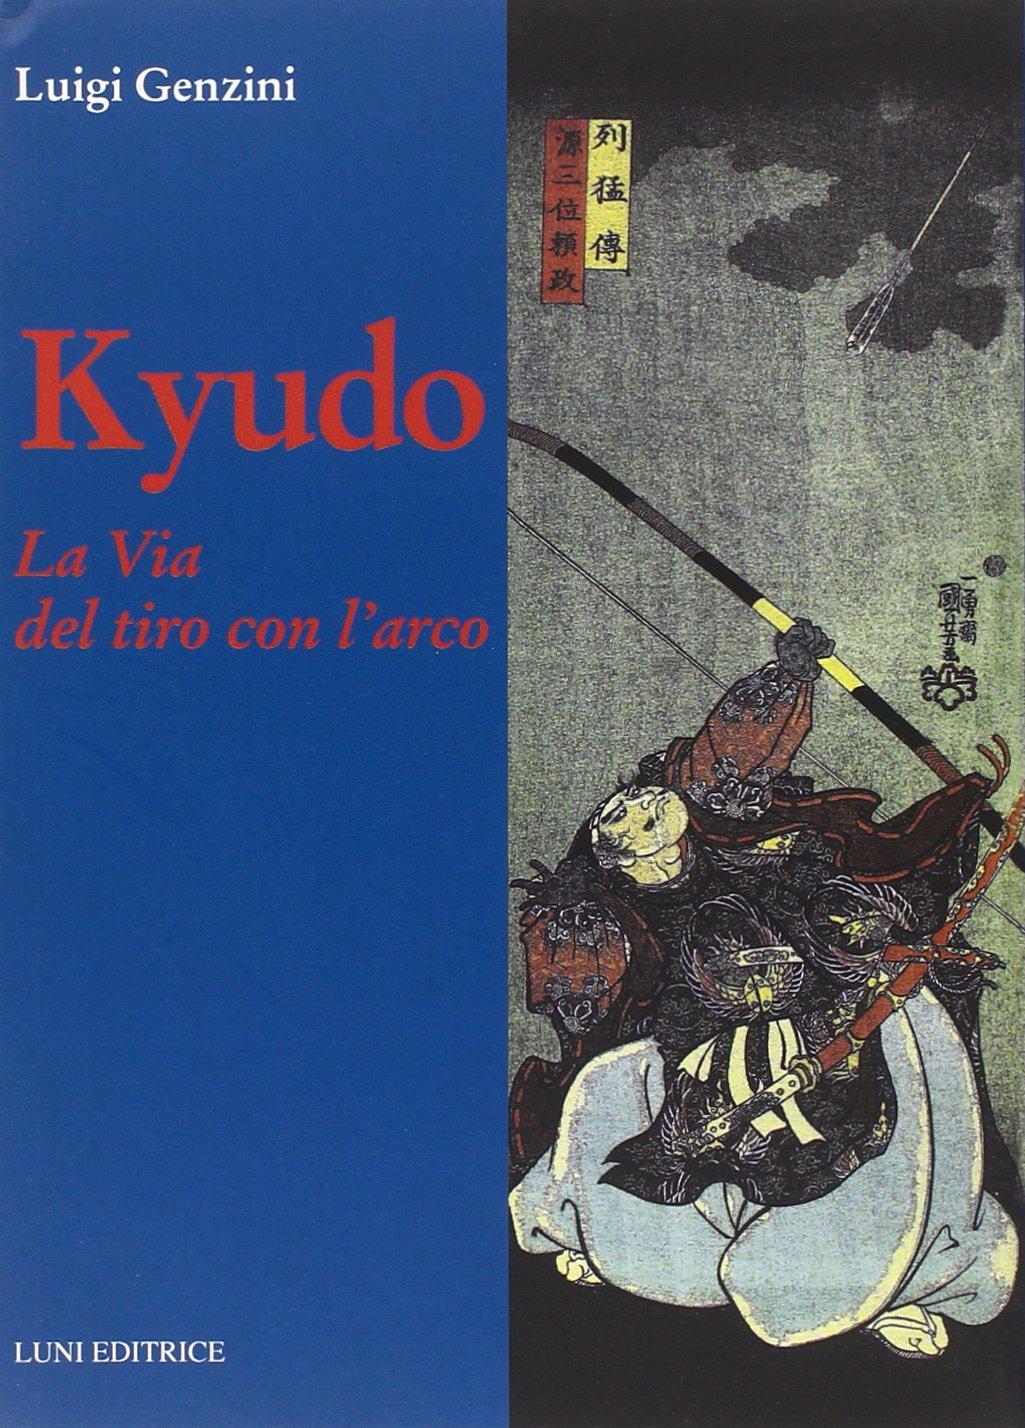 Kyudo. La via del tiro con l'arco Copertina flessibile – 1 gen 2014 Luigi Genzini Luni Editrice 8879844253 Tiro con l'arco